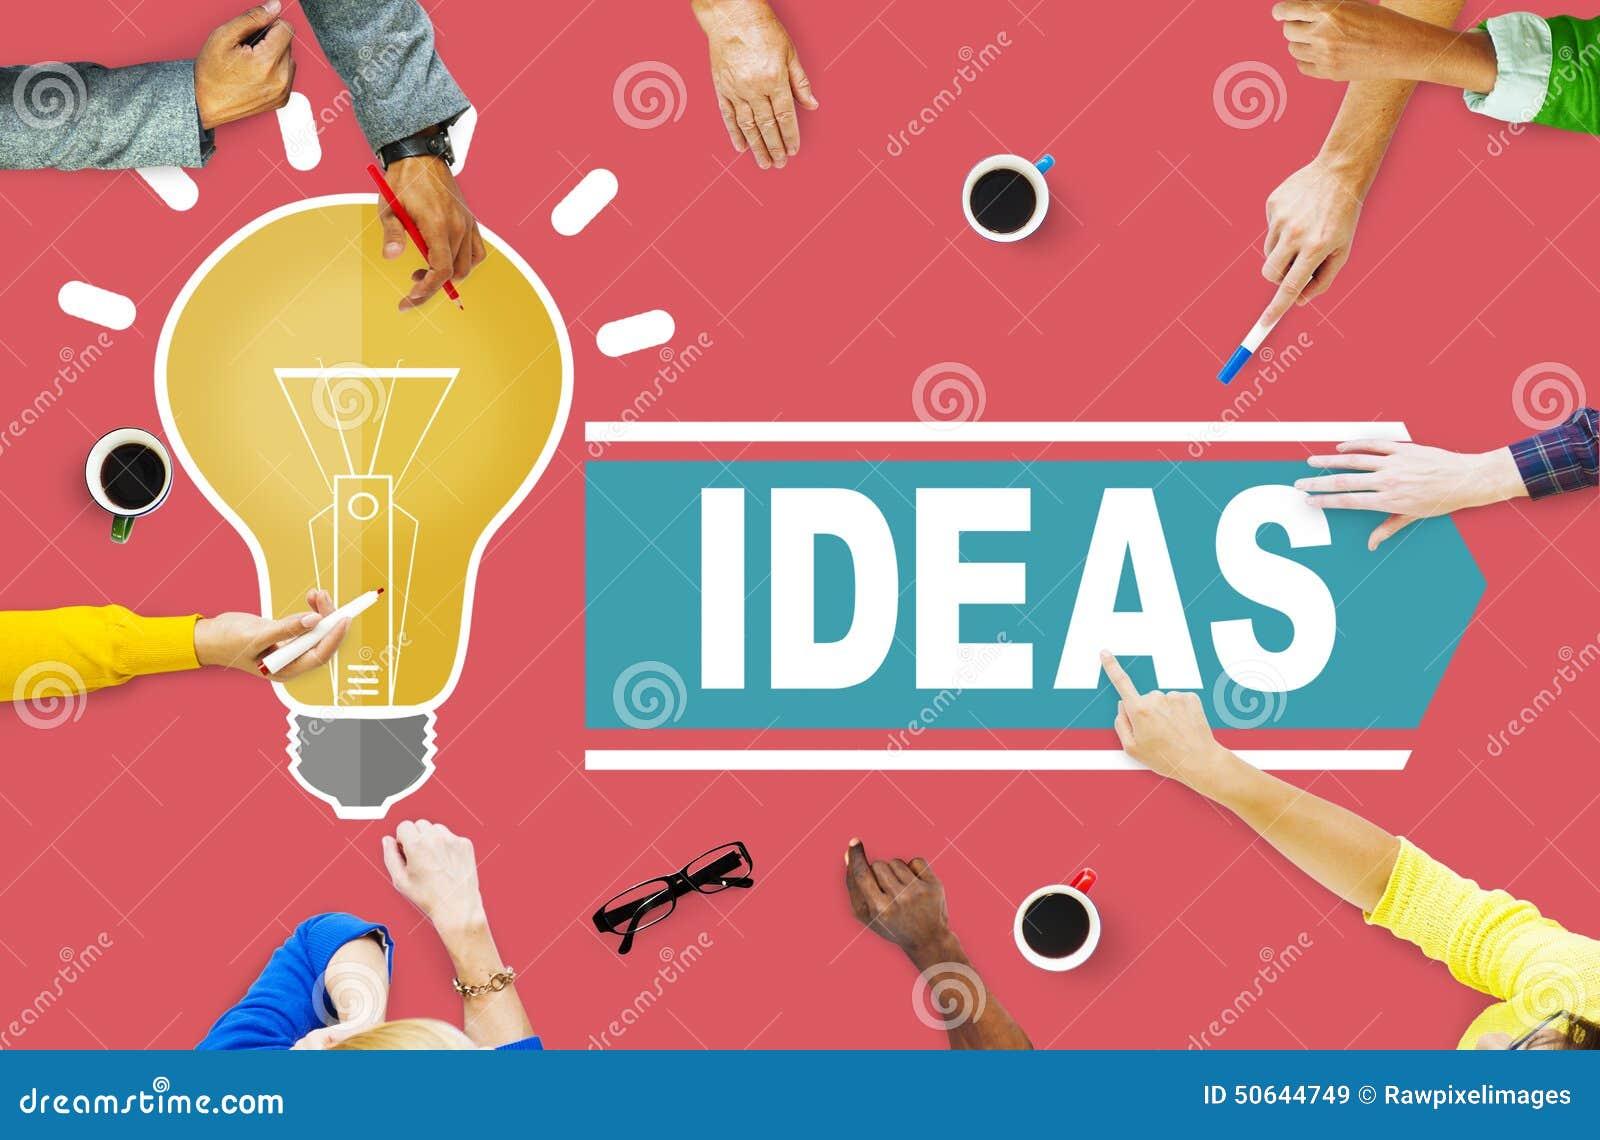 Ιδέες φιλοδοξιών που σκέφτονται την έννοια στρατηγικής οράματος καινοτομίας